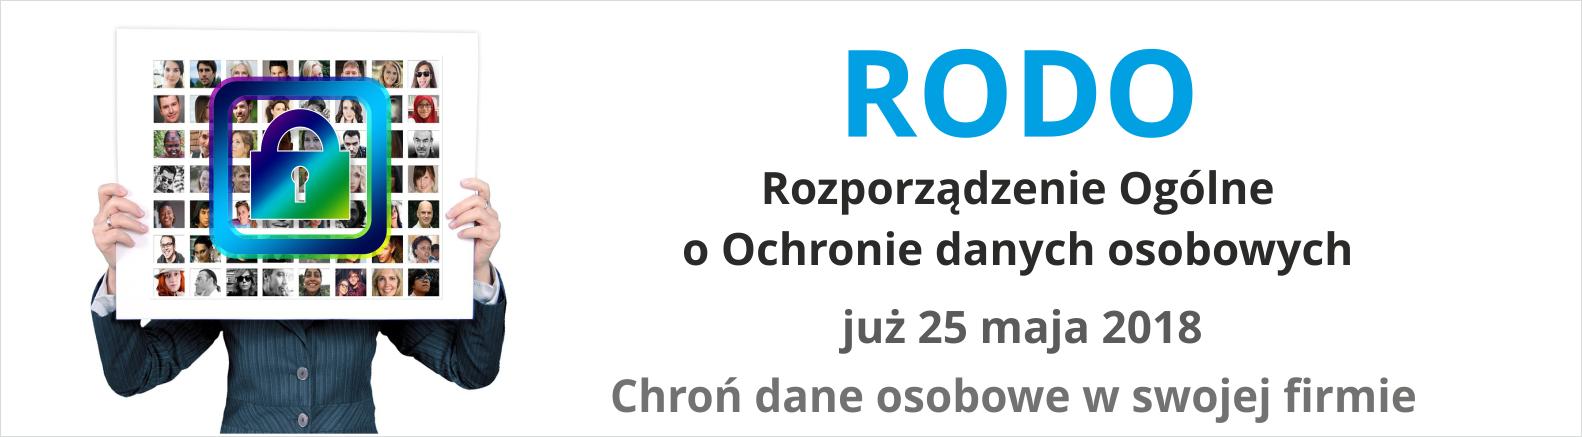 Szafy RODO